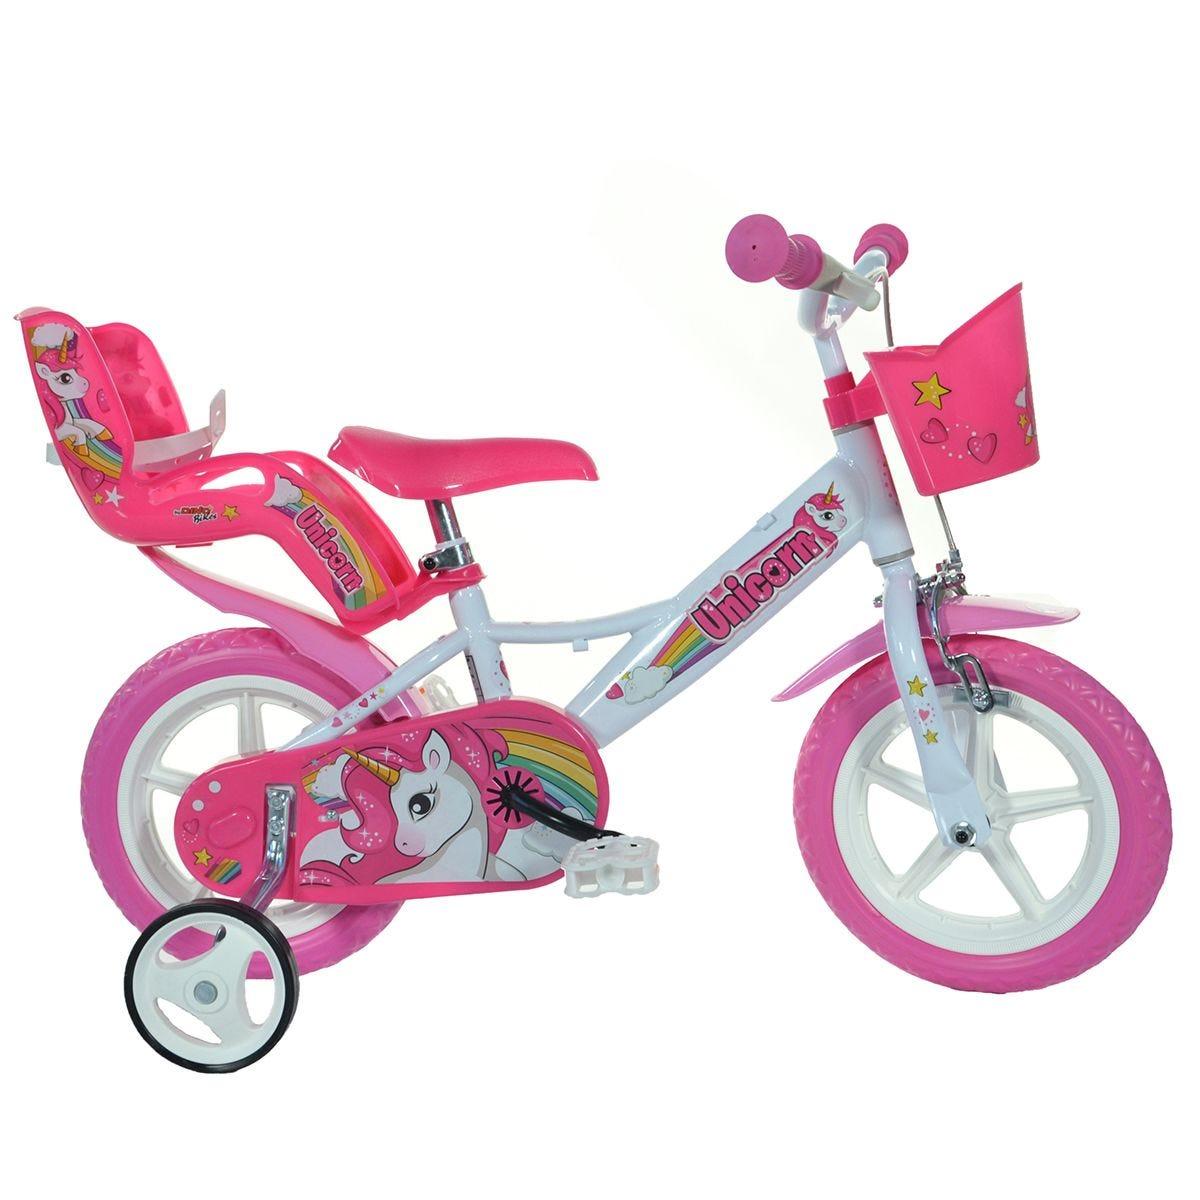 Unicorn Kids Bicycle 12in